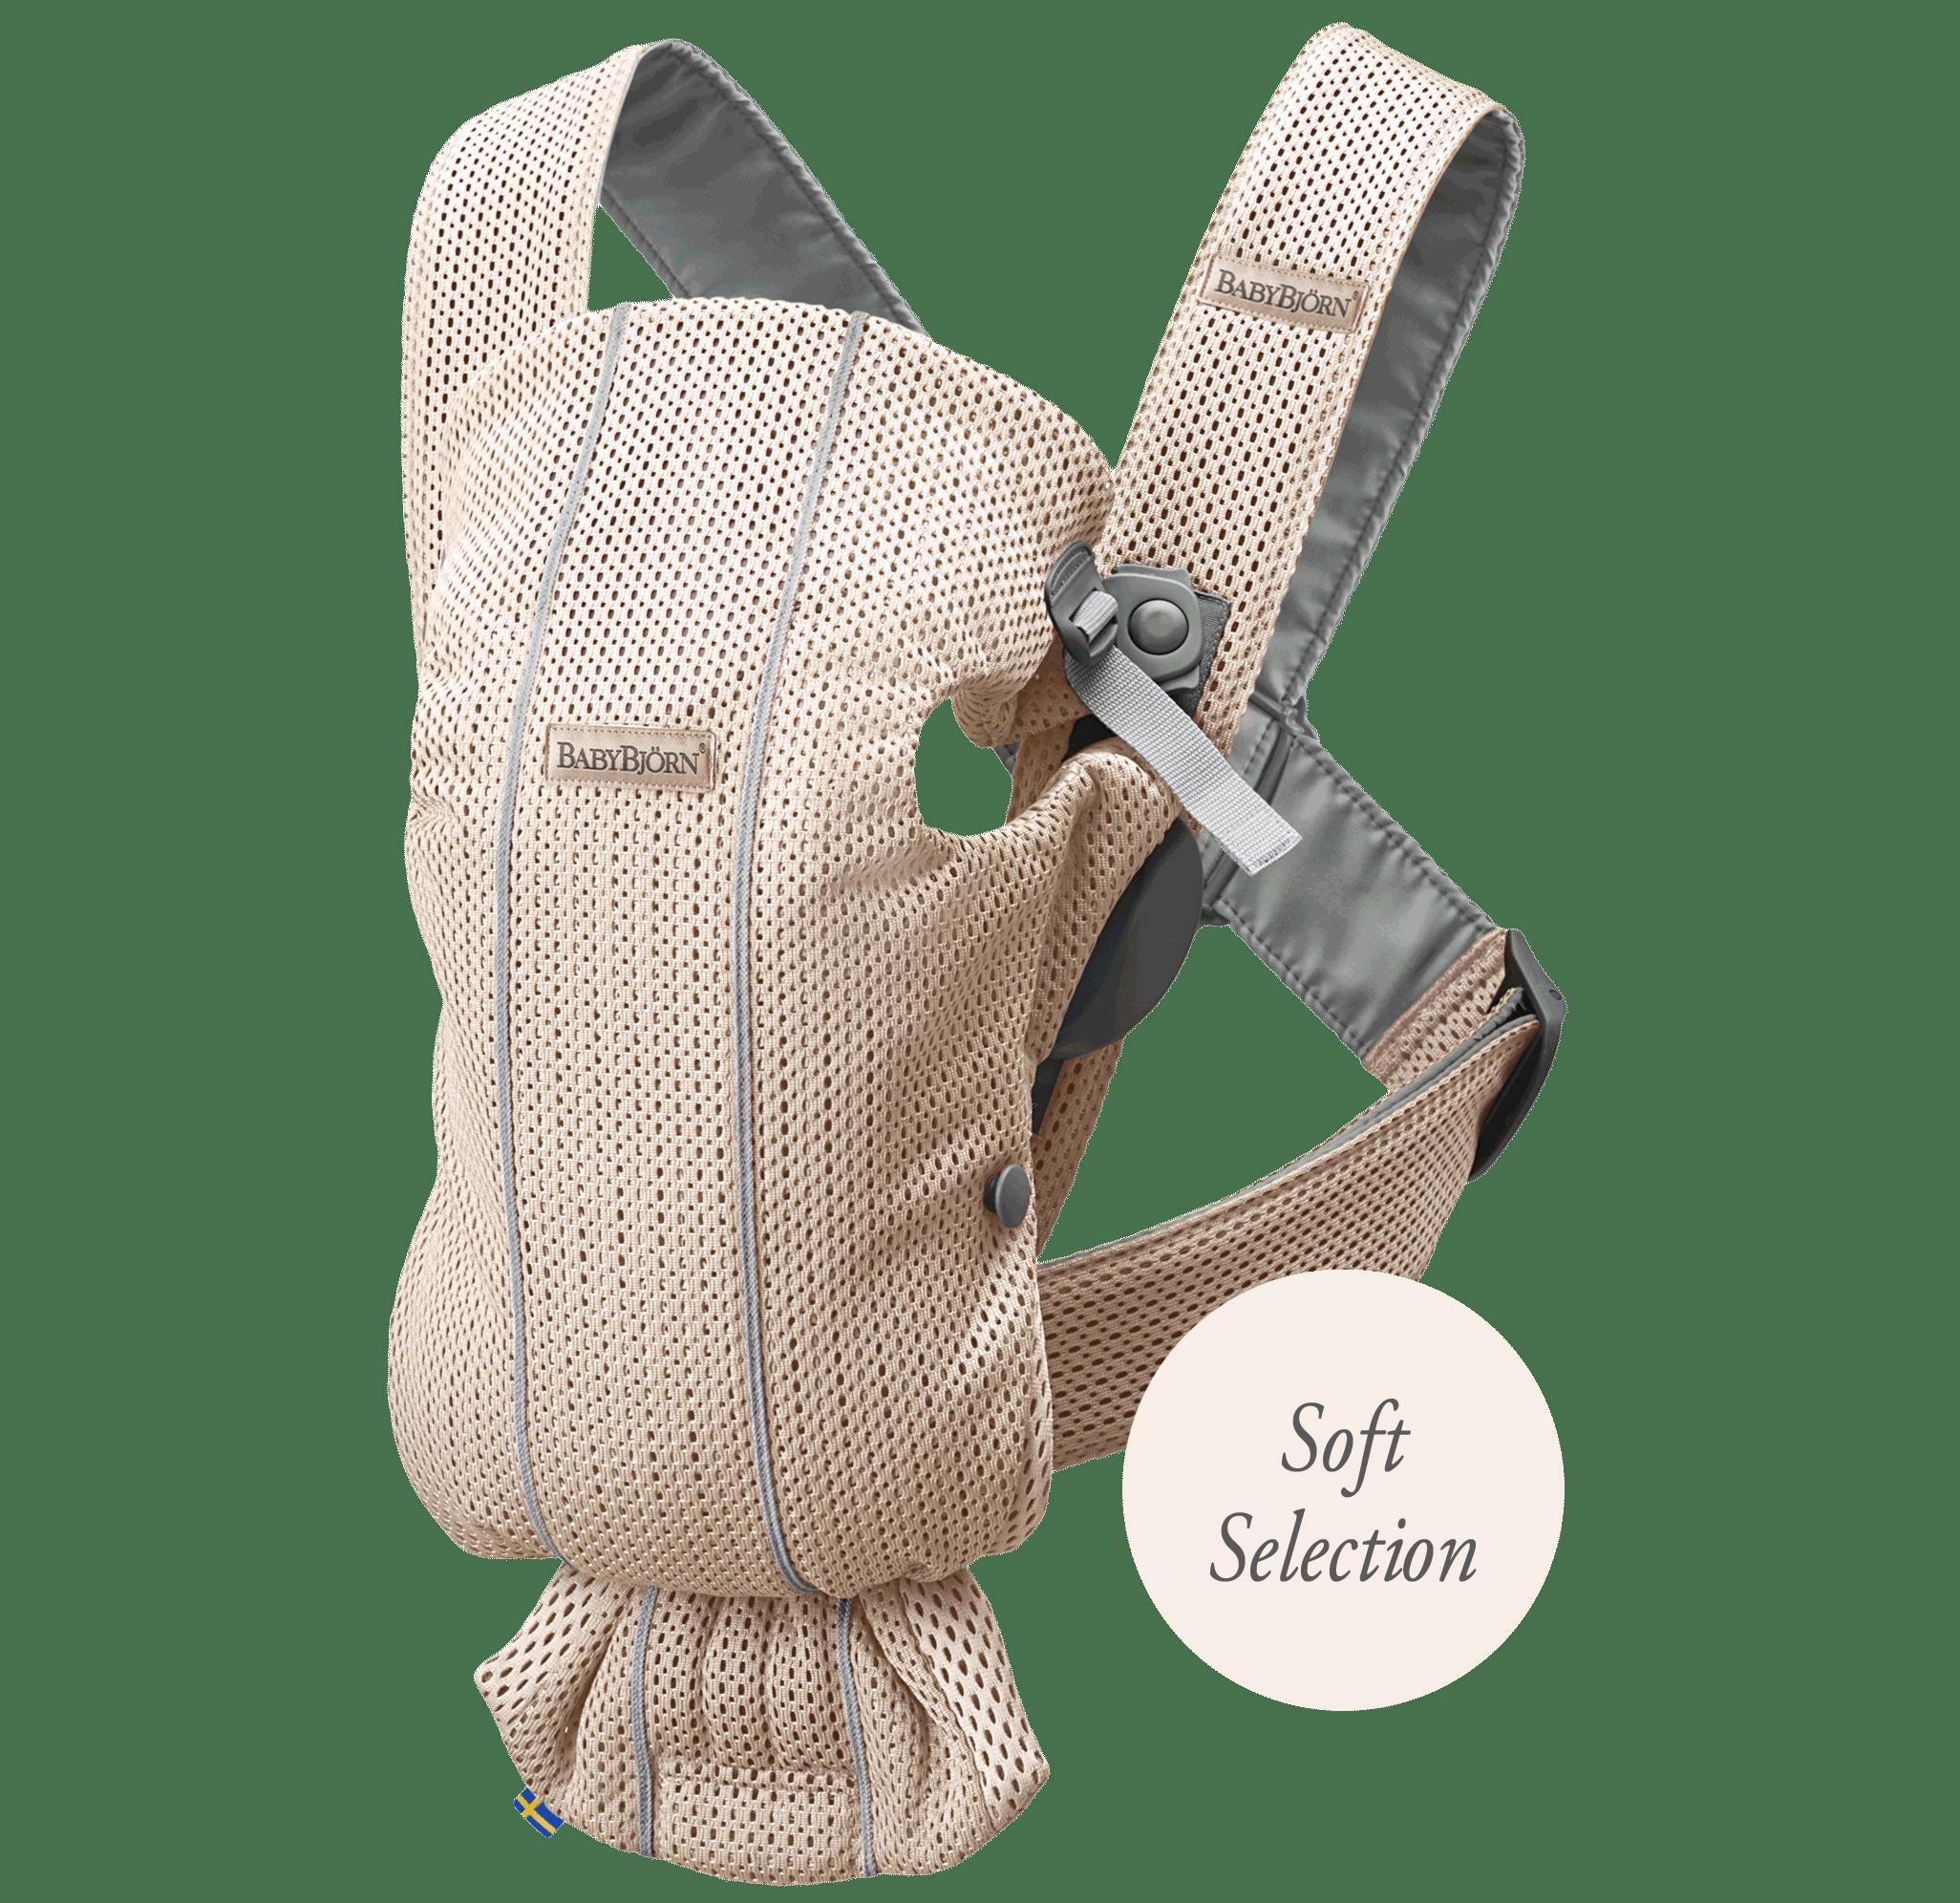 Porte-bébé Mini Rose nacré 3D Mesh Soft Selection, le porte-bébé idéal pour les nouveau-nés - BABYBJÖRN